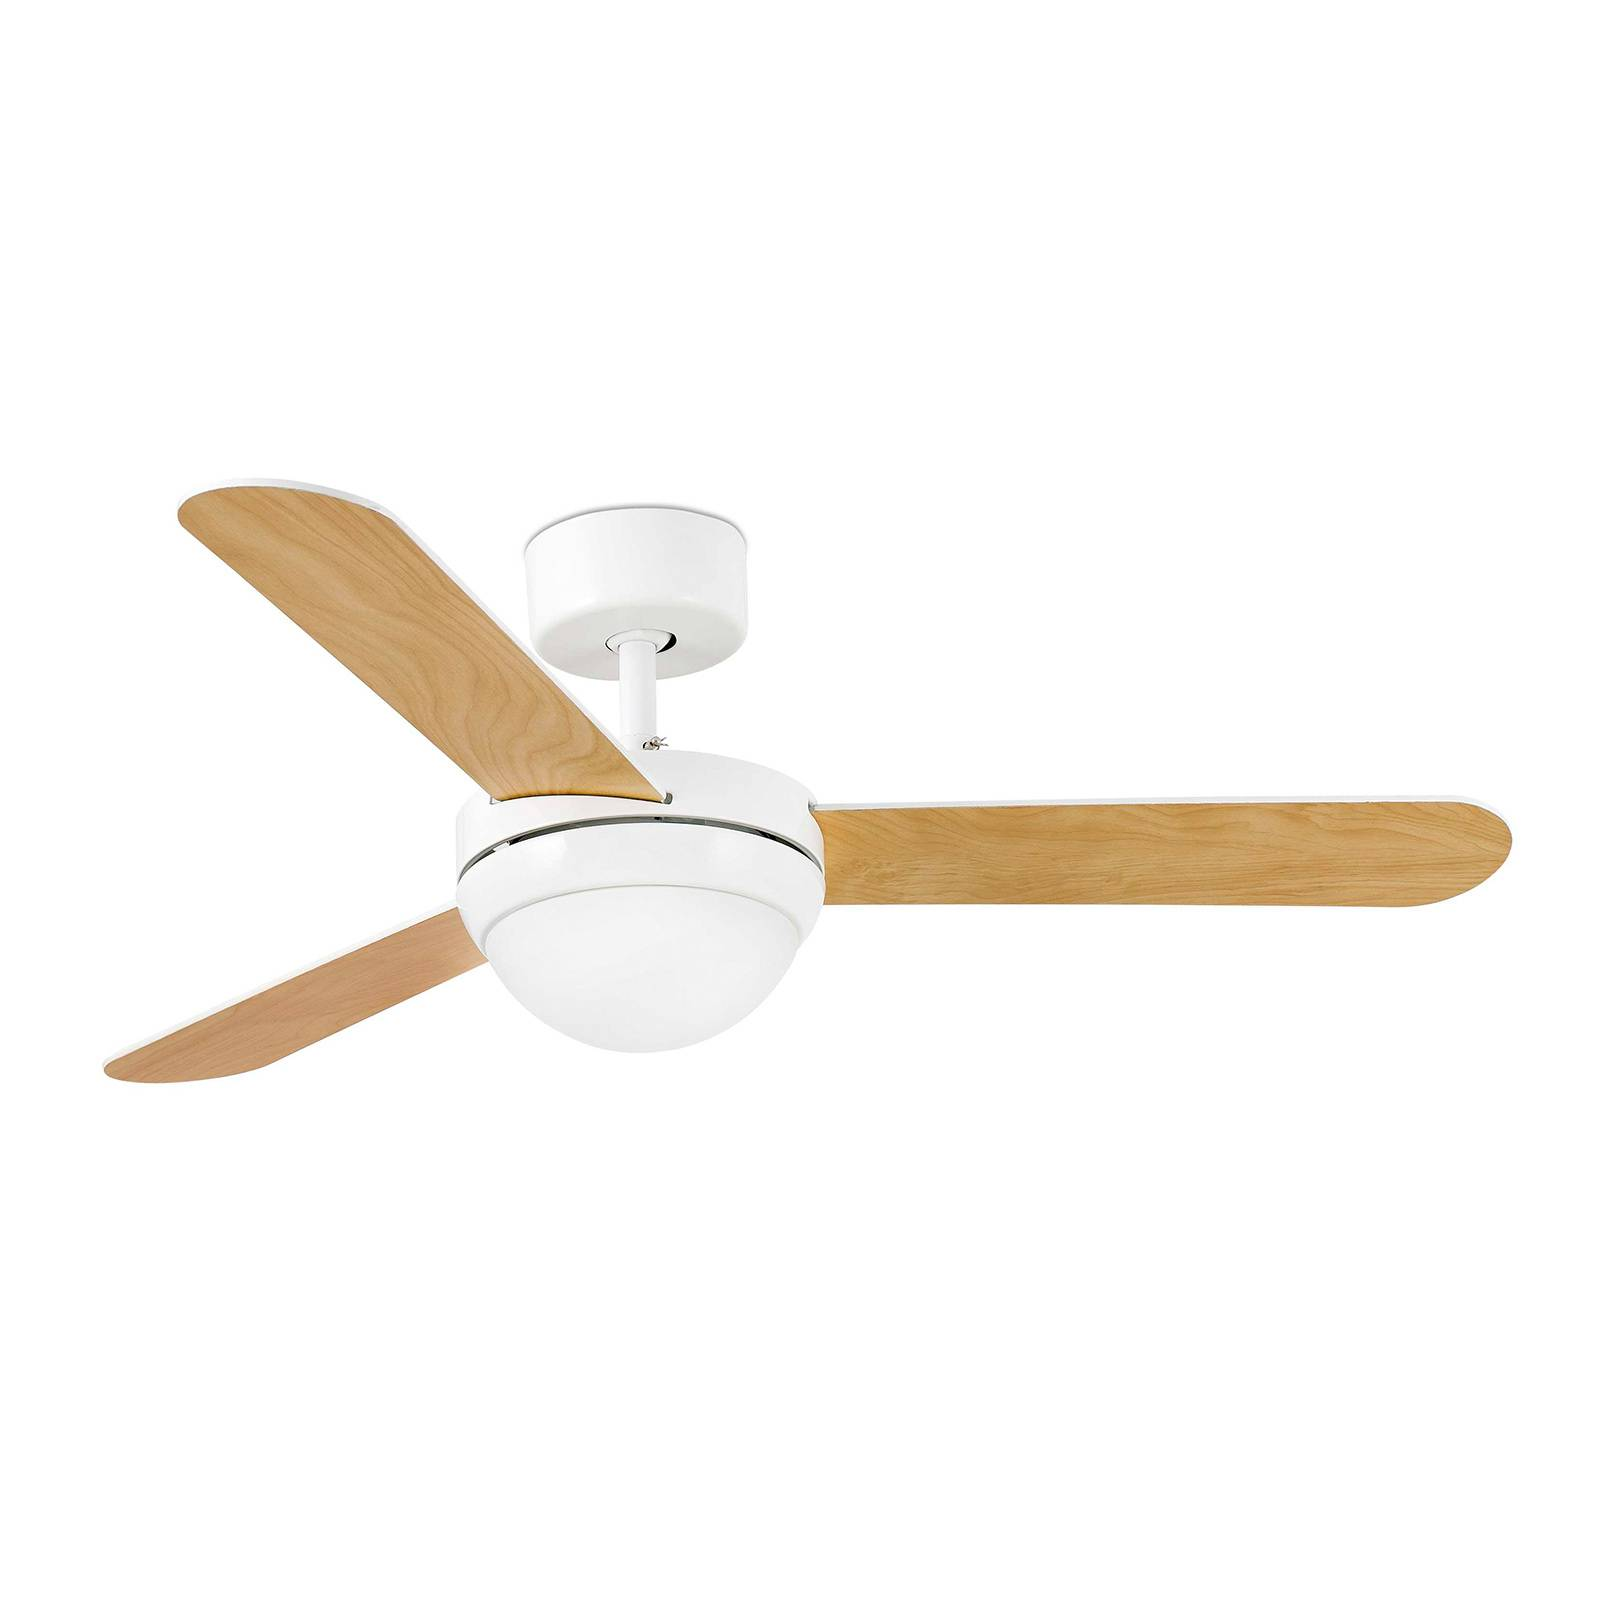 Feroe ceiling fan with light, white/maple